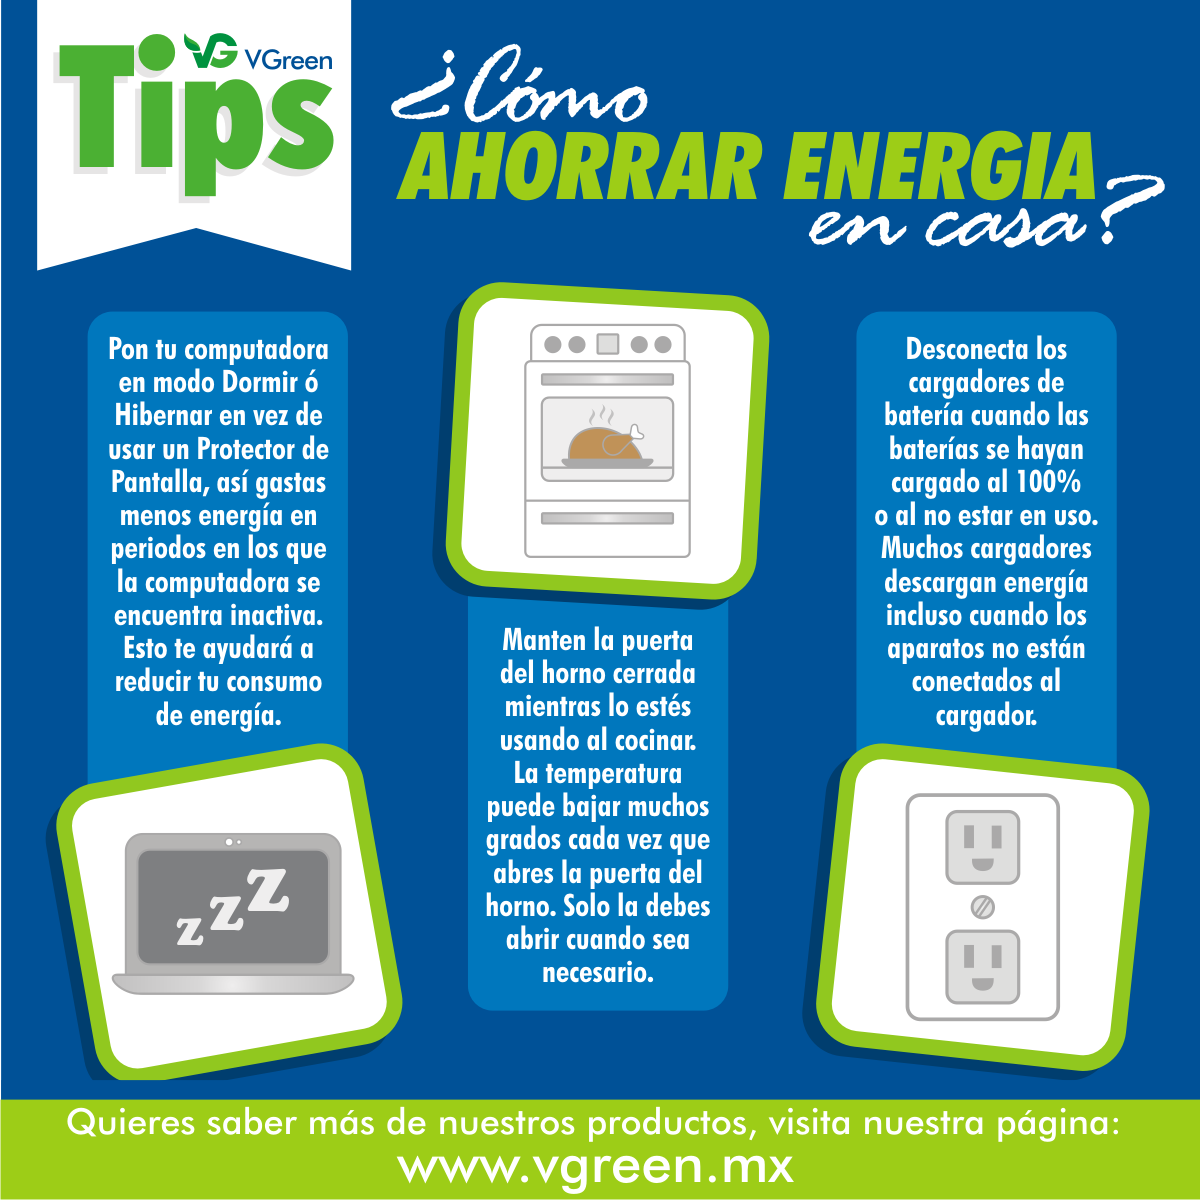 C mo ahorrar energ a en casa si conoces alg n otro tip - Ahorrar en casa ...